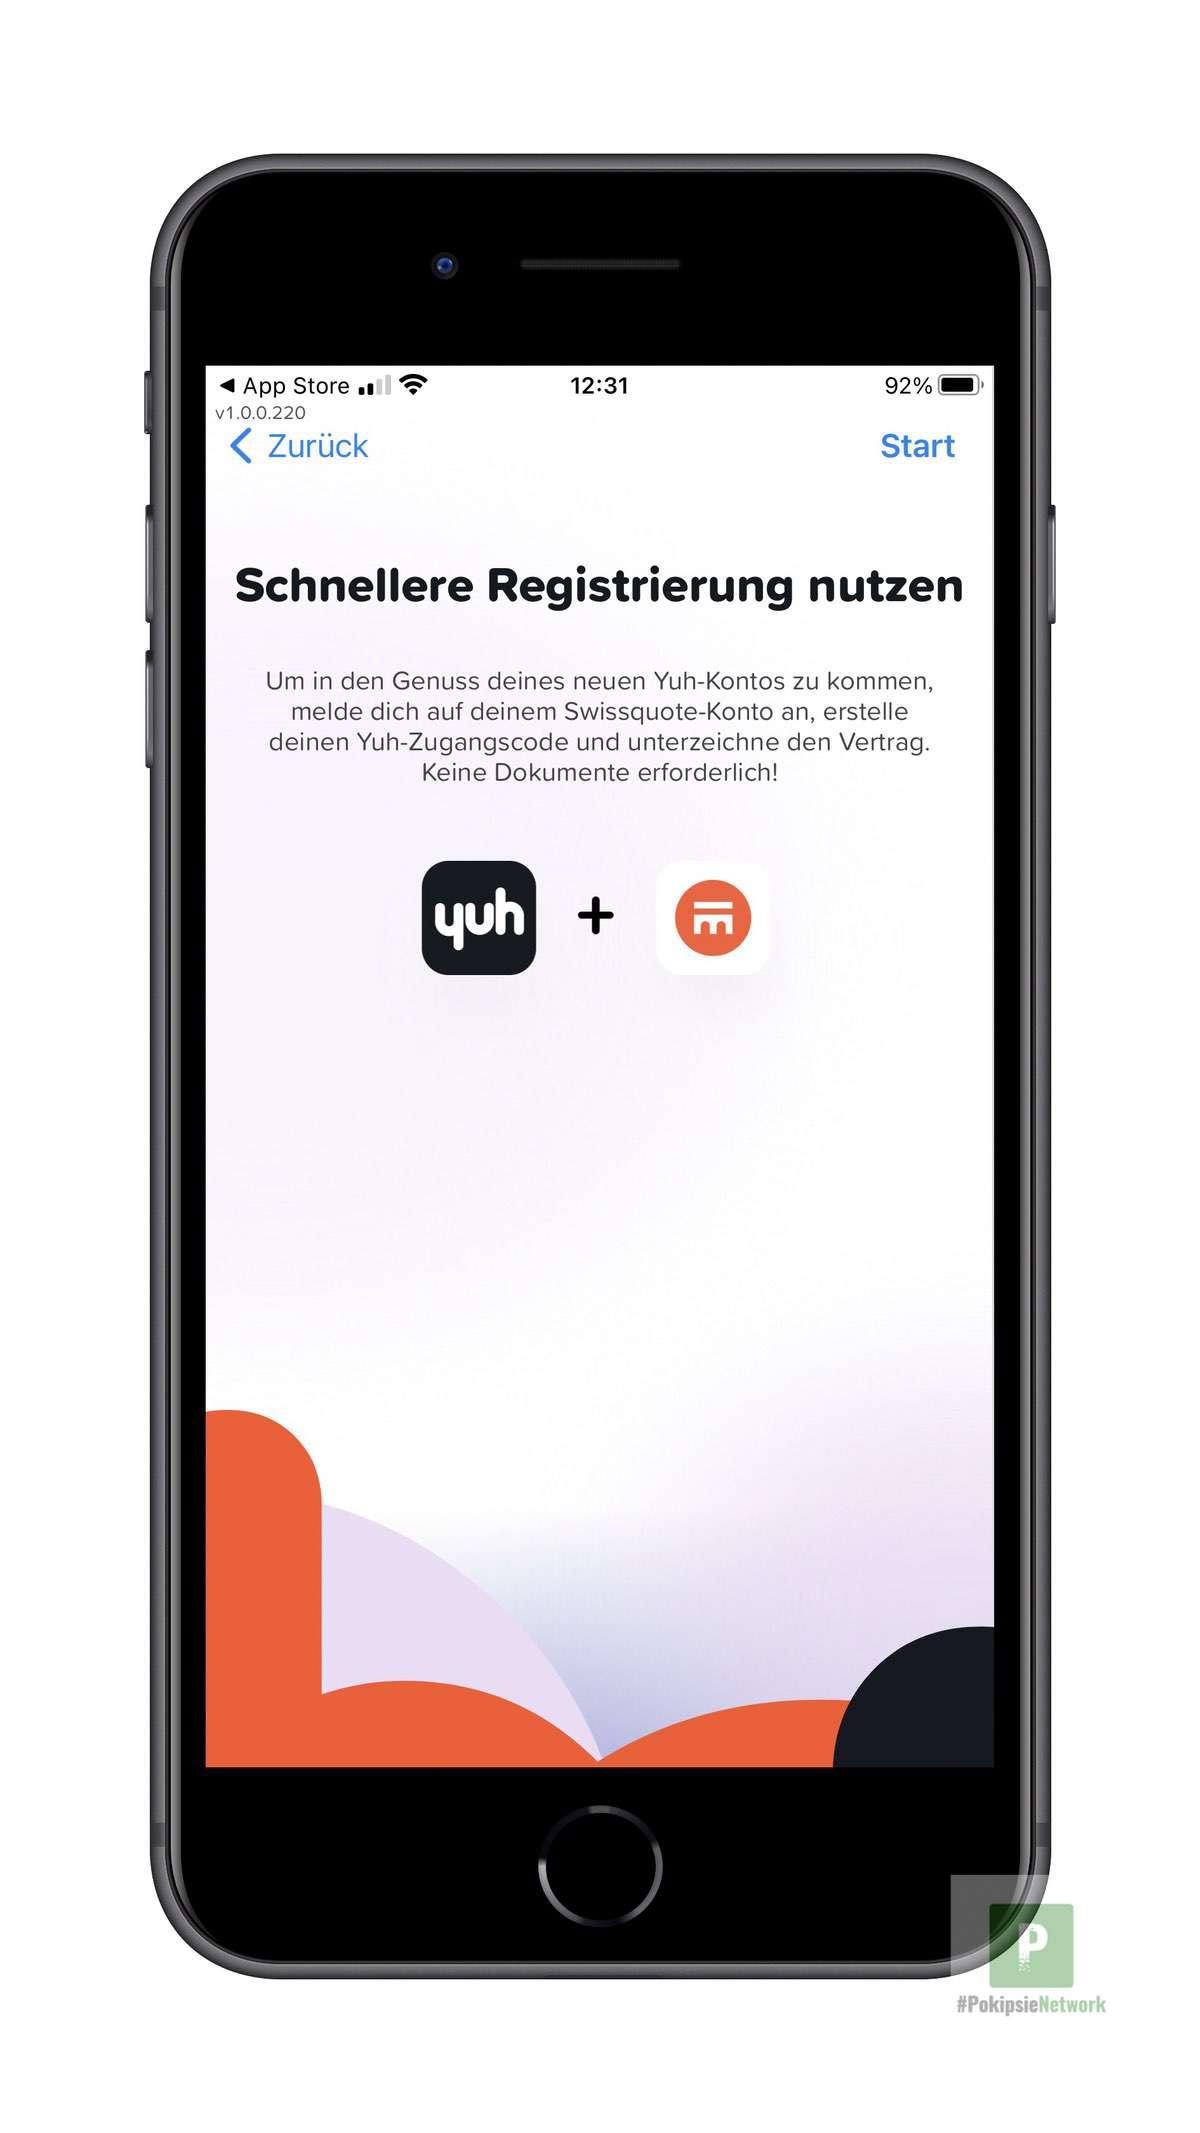 Registrieren mit dem bestehenden Swissquote Konto